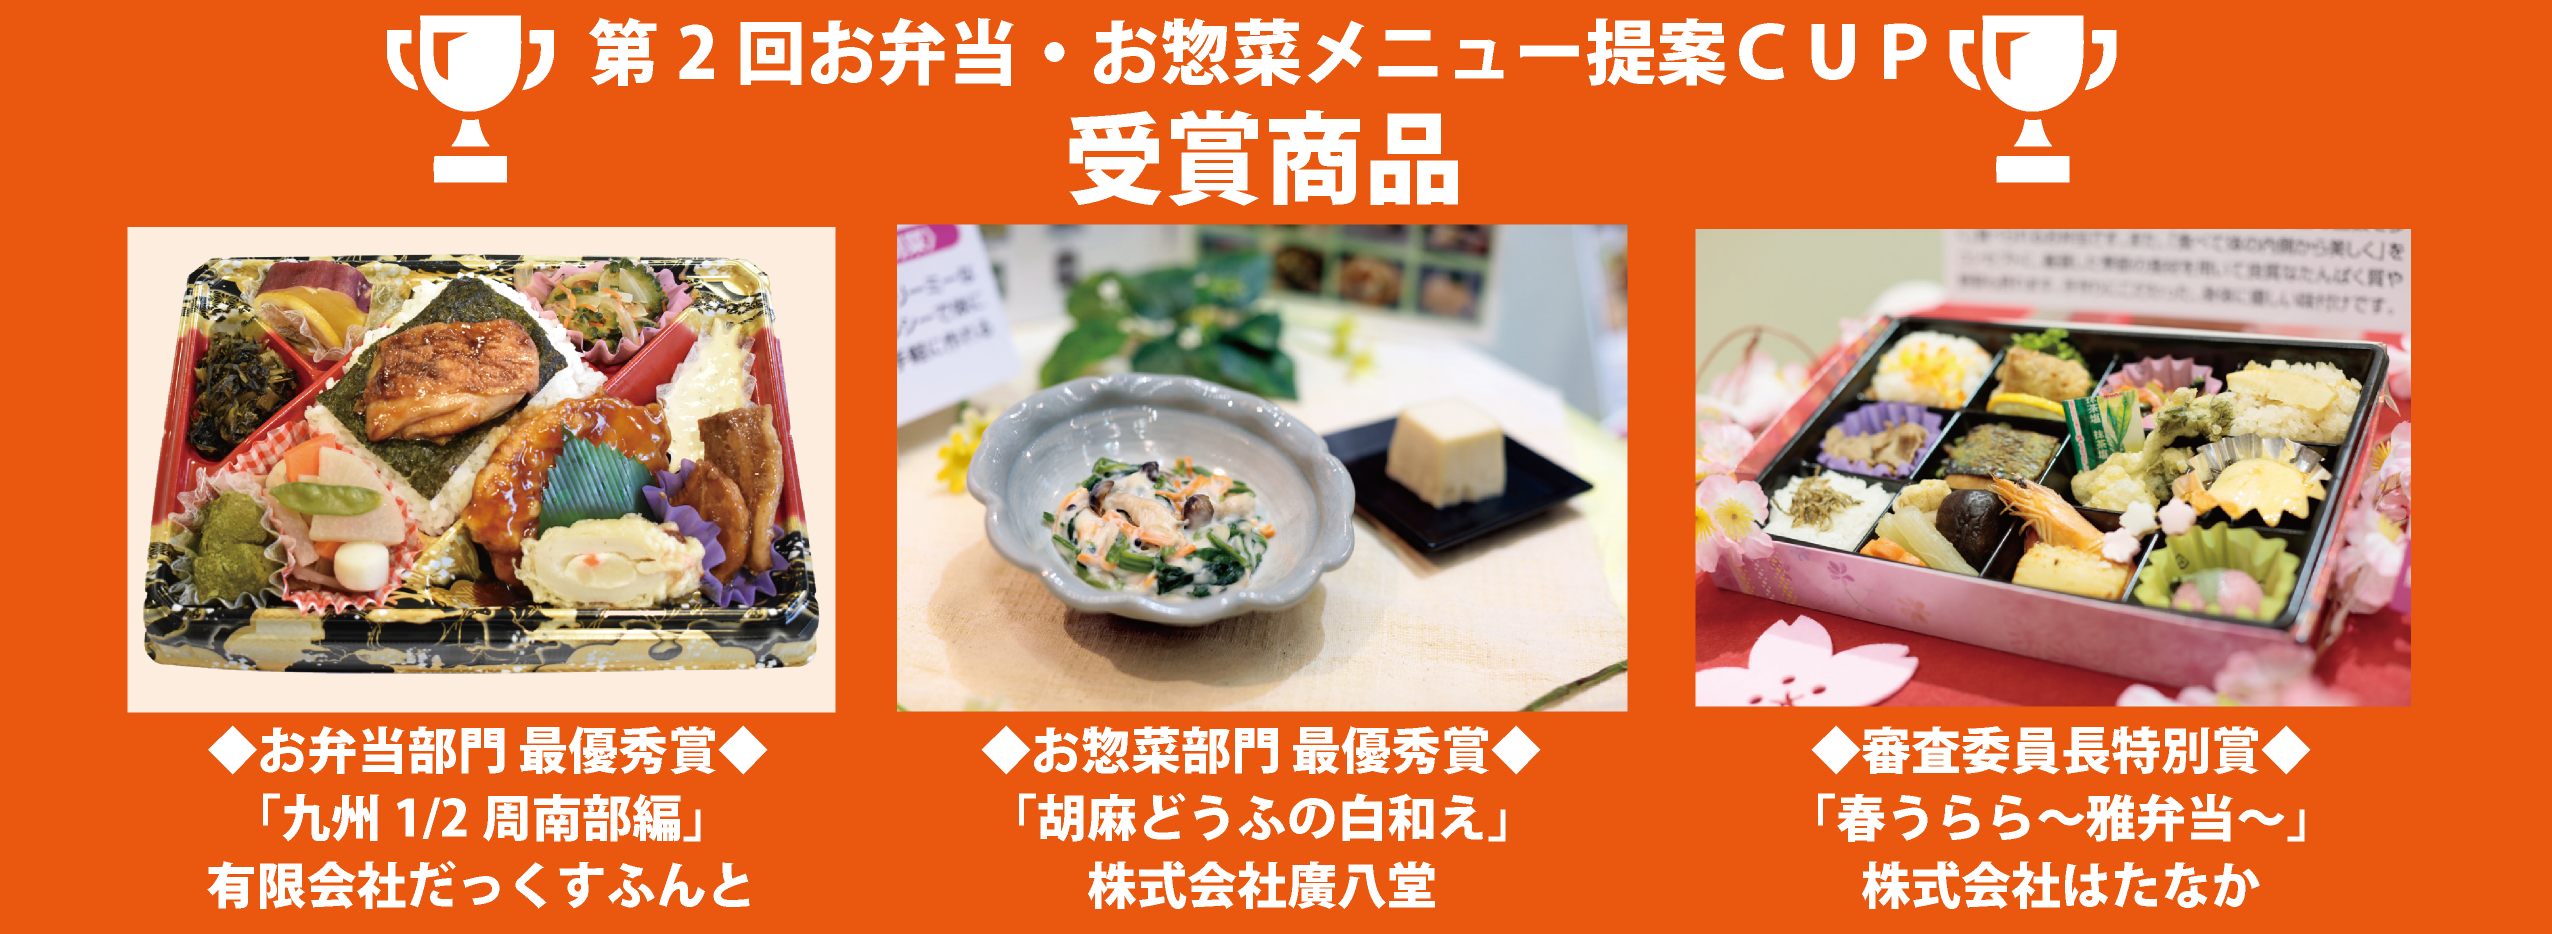 『第2回 お弁当・お惣菜メニュー提案CUP』の受賞商品3つの写真